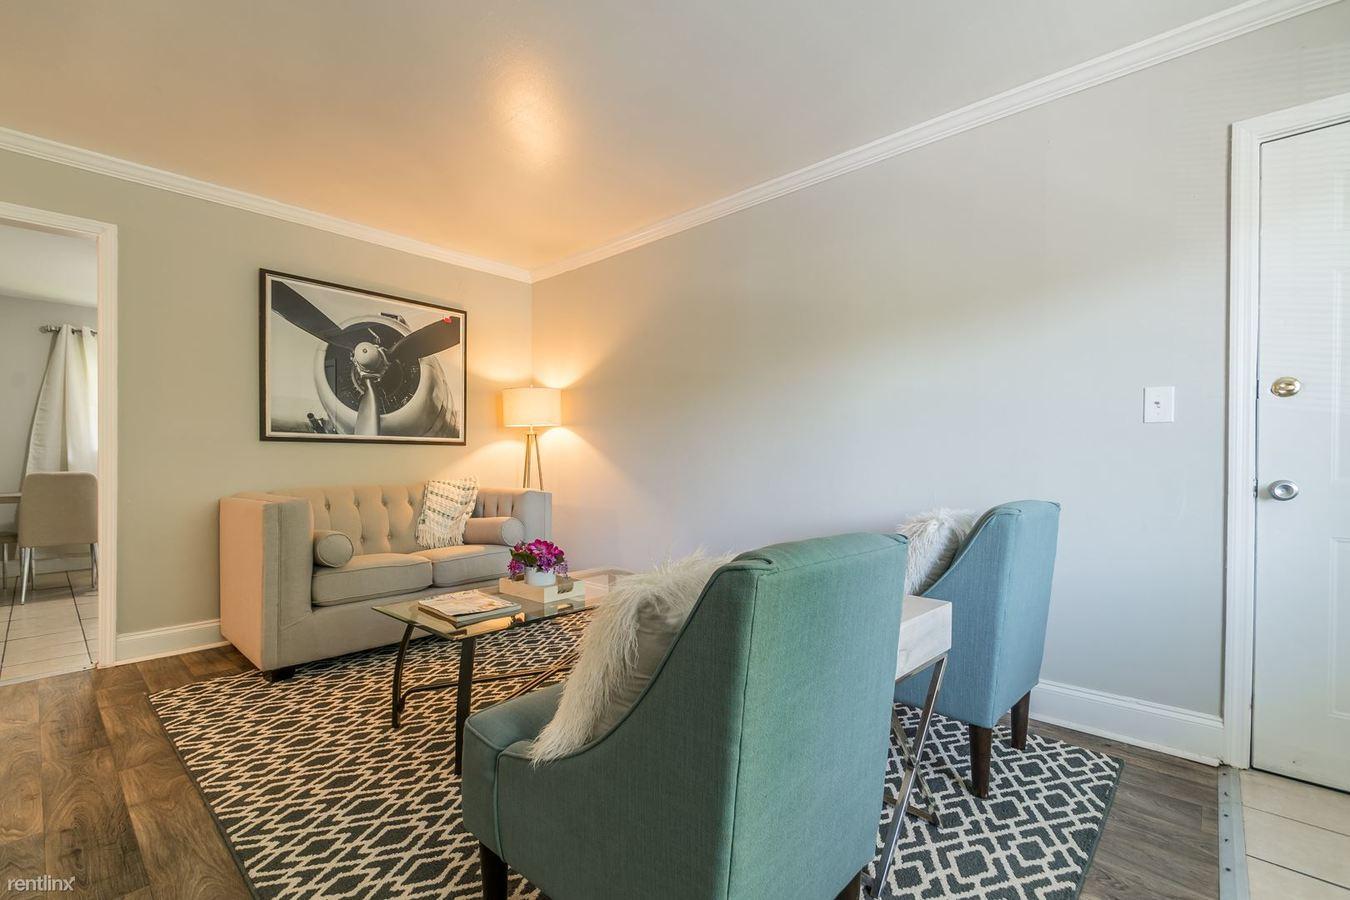 2 Bedrooms 1 Bathroom Apartment for rent at Balfour East Lake in Atlanta, GA